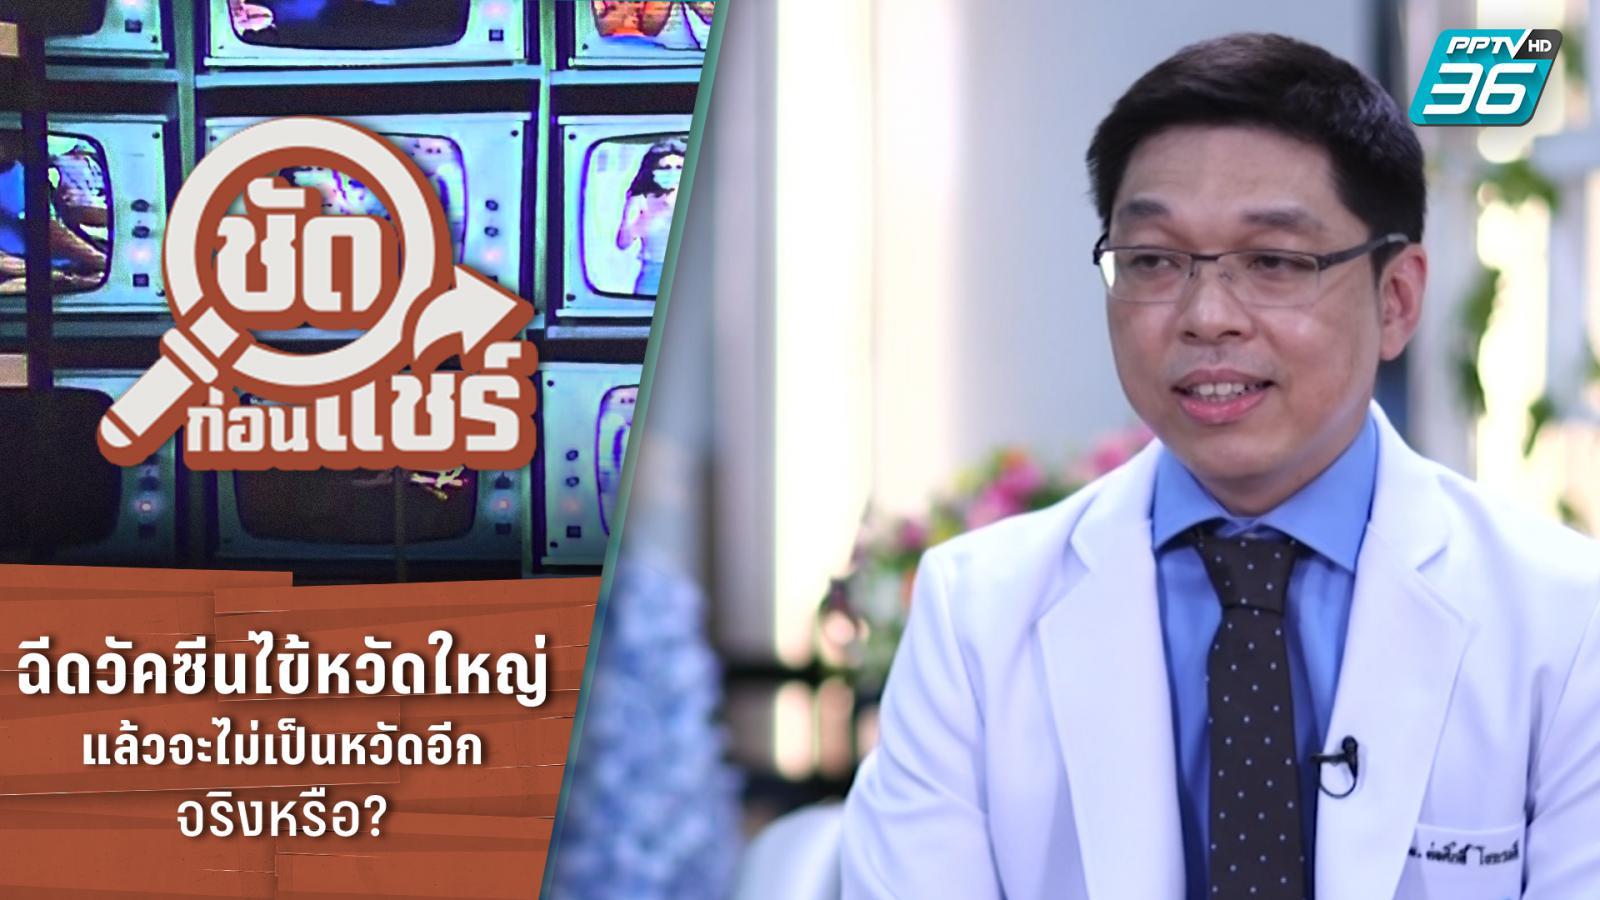 ชัดก่อนแชร์ | ฉีดวัคซีนไข้หวัดใหญ่ แล้วจะไม่เป็นหวัดอีกจริงหรือ? | PPTV HD 36